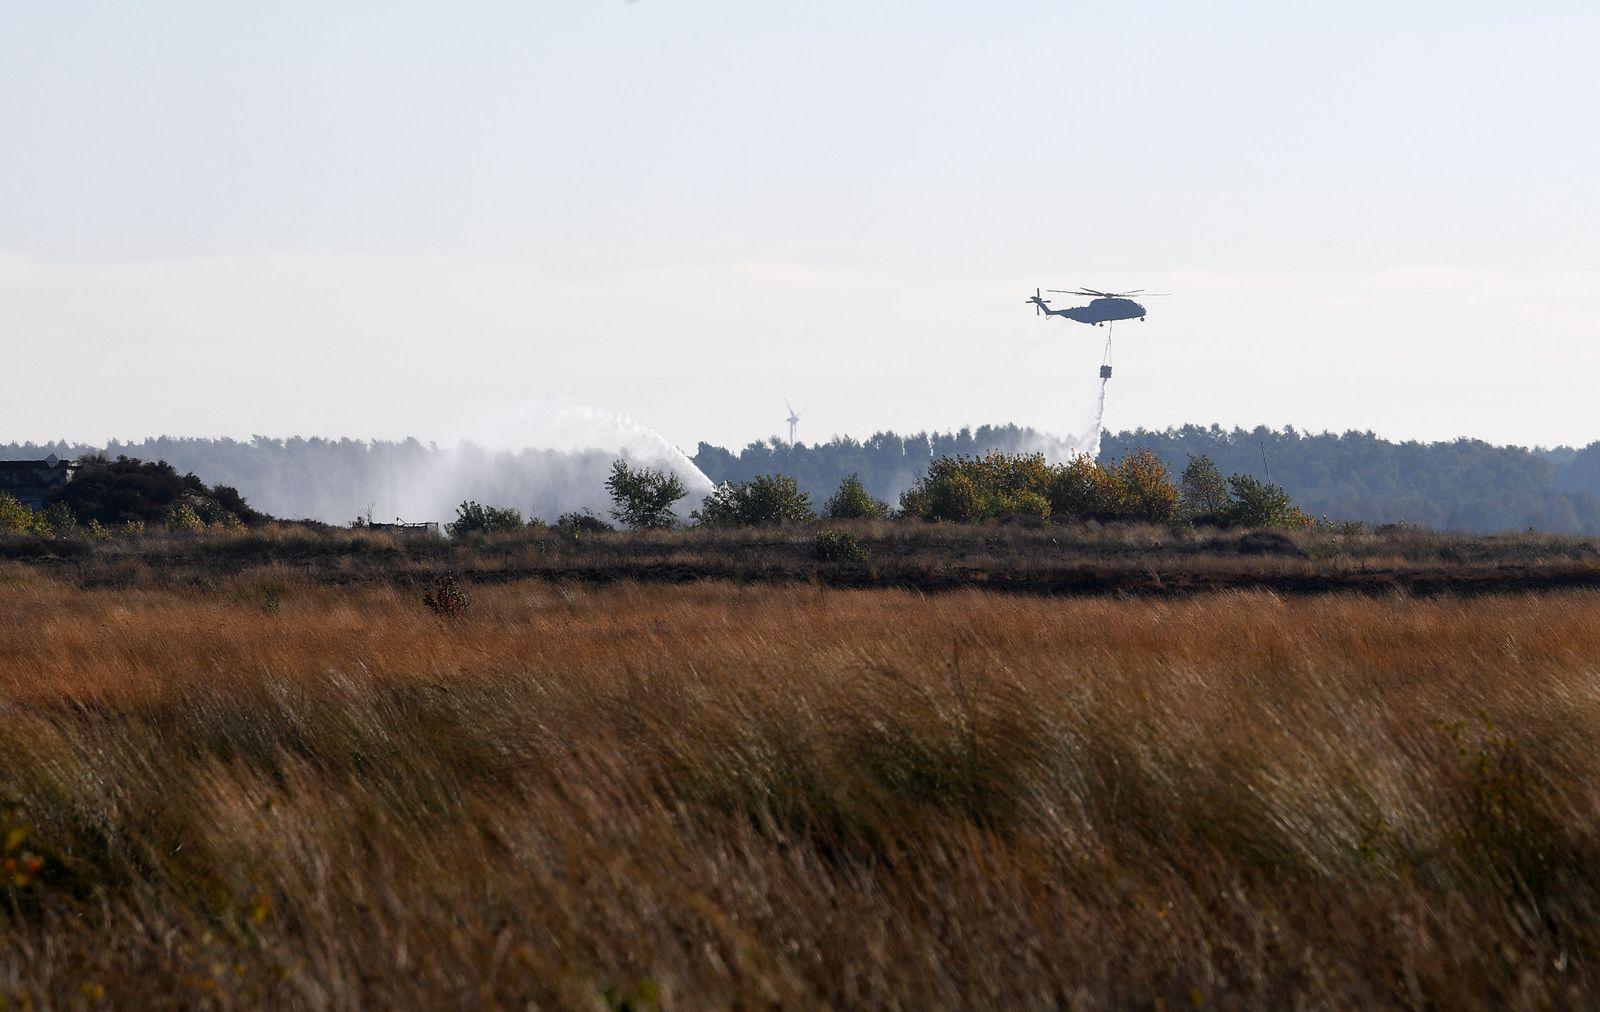 Bundeswehr prüft nach Moorbrand auf radioaktive Strahlung